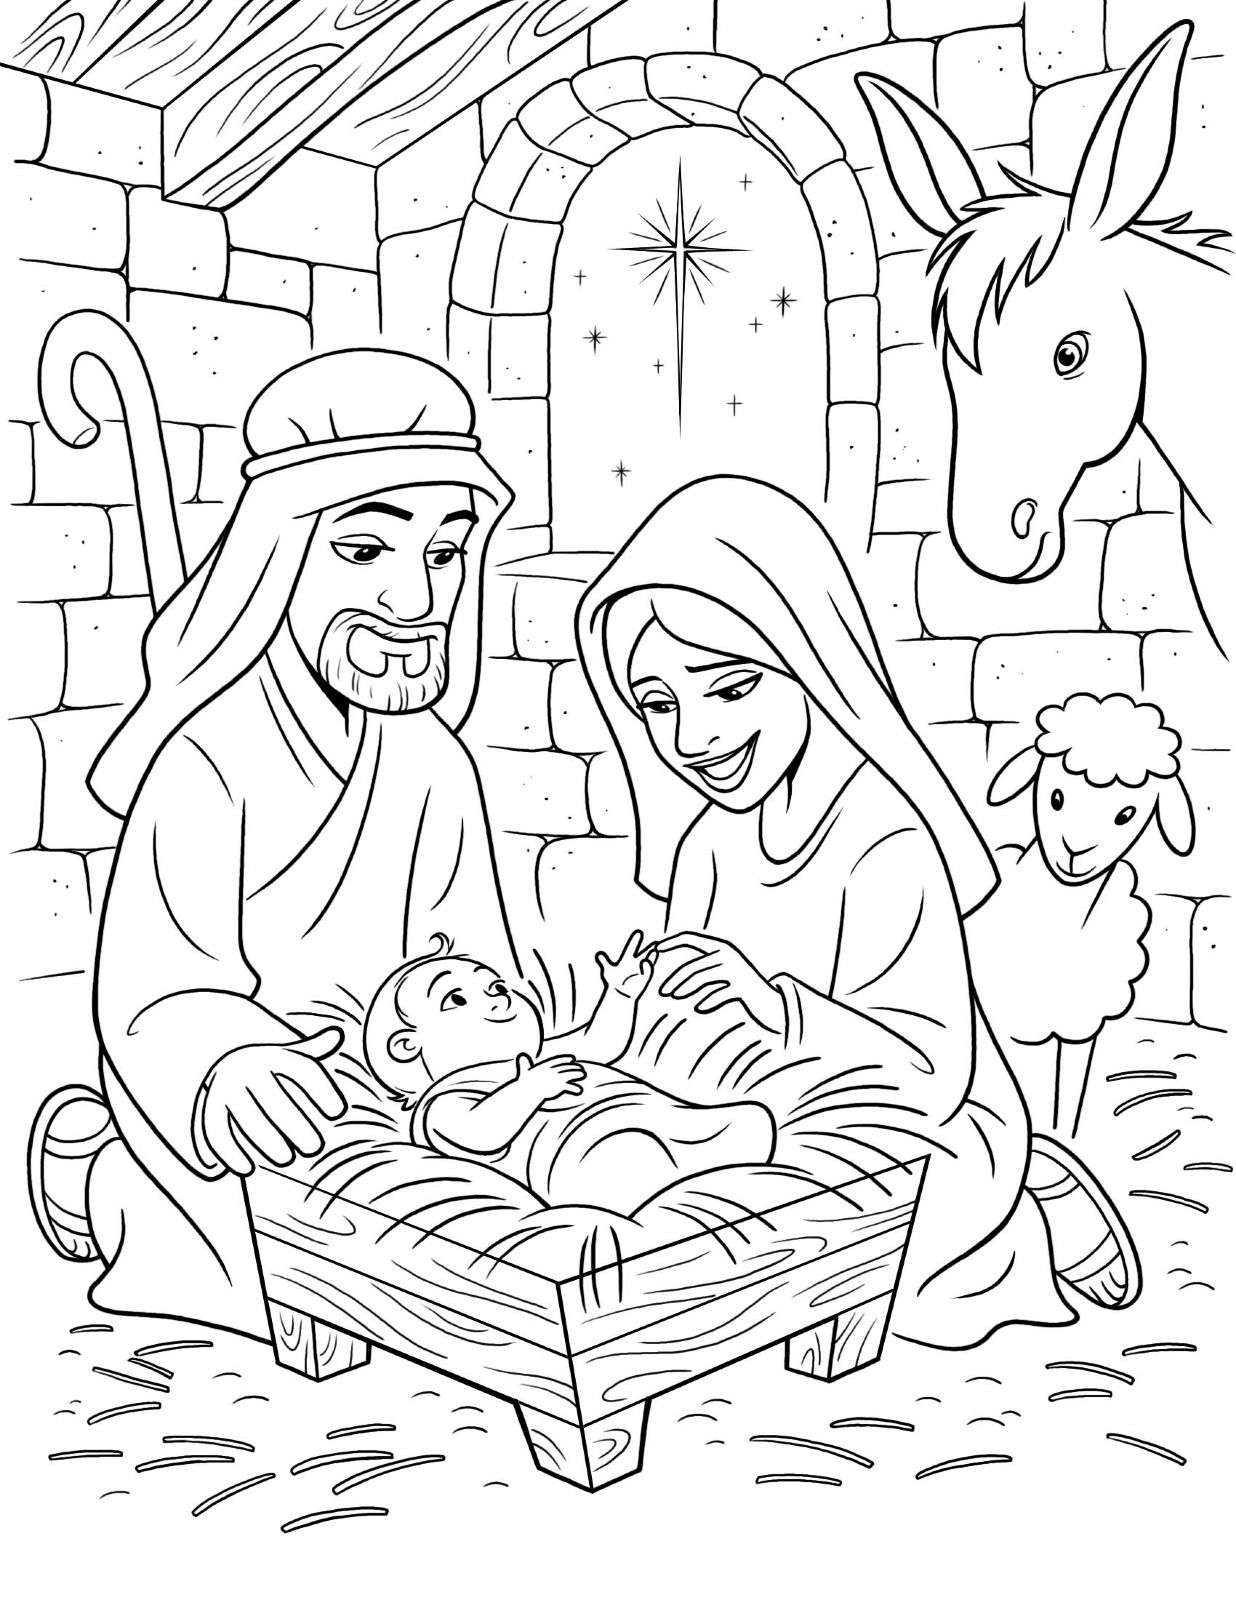 Pin de Michele Peti en Primary 2017 | Pinterest | Rey, Navidad y ...